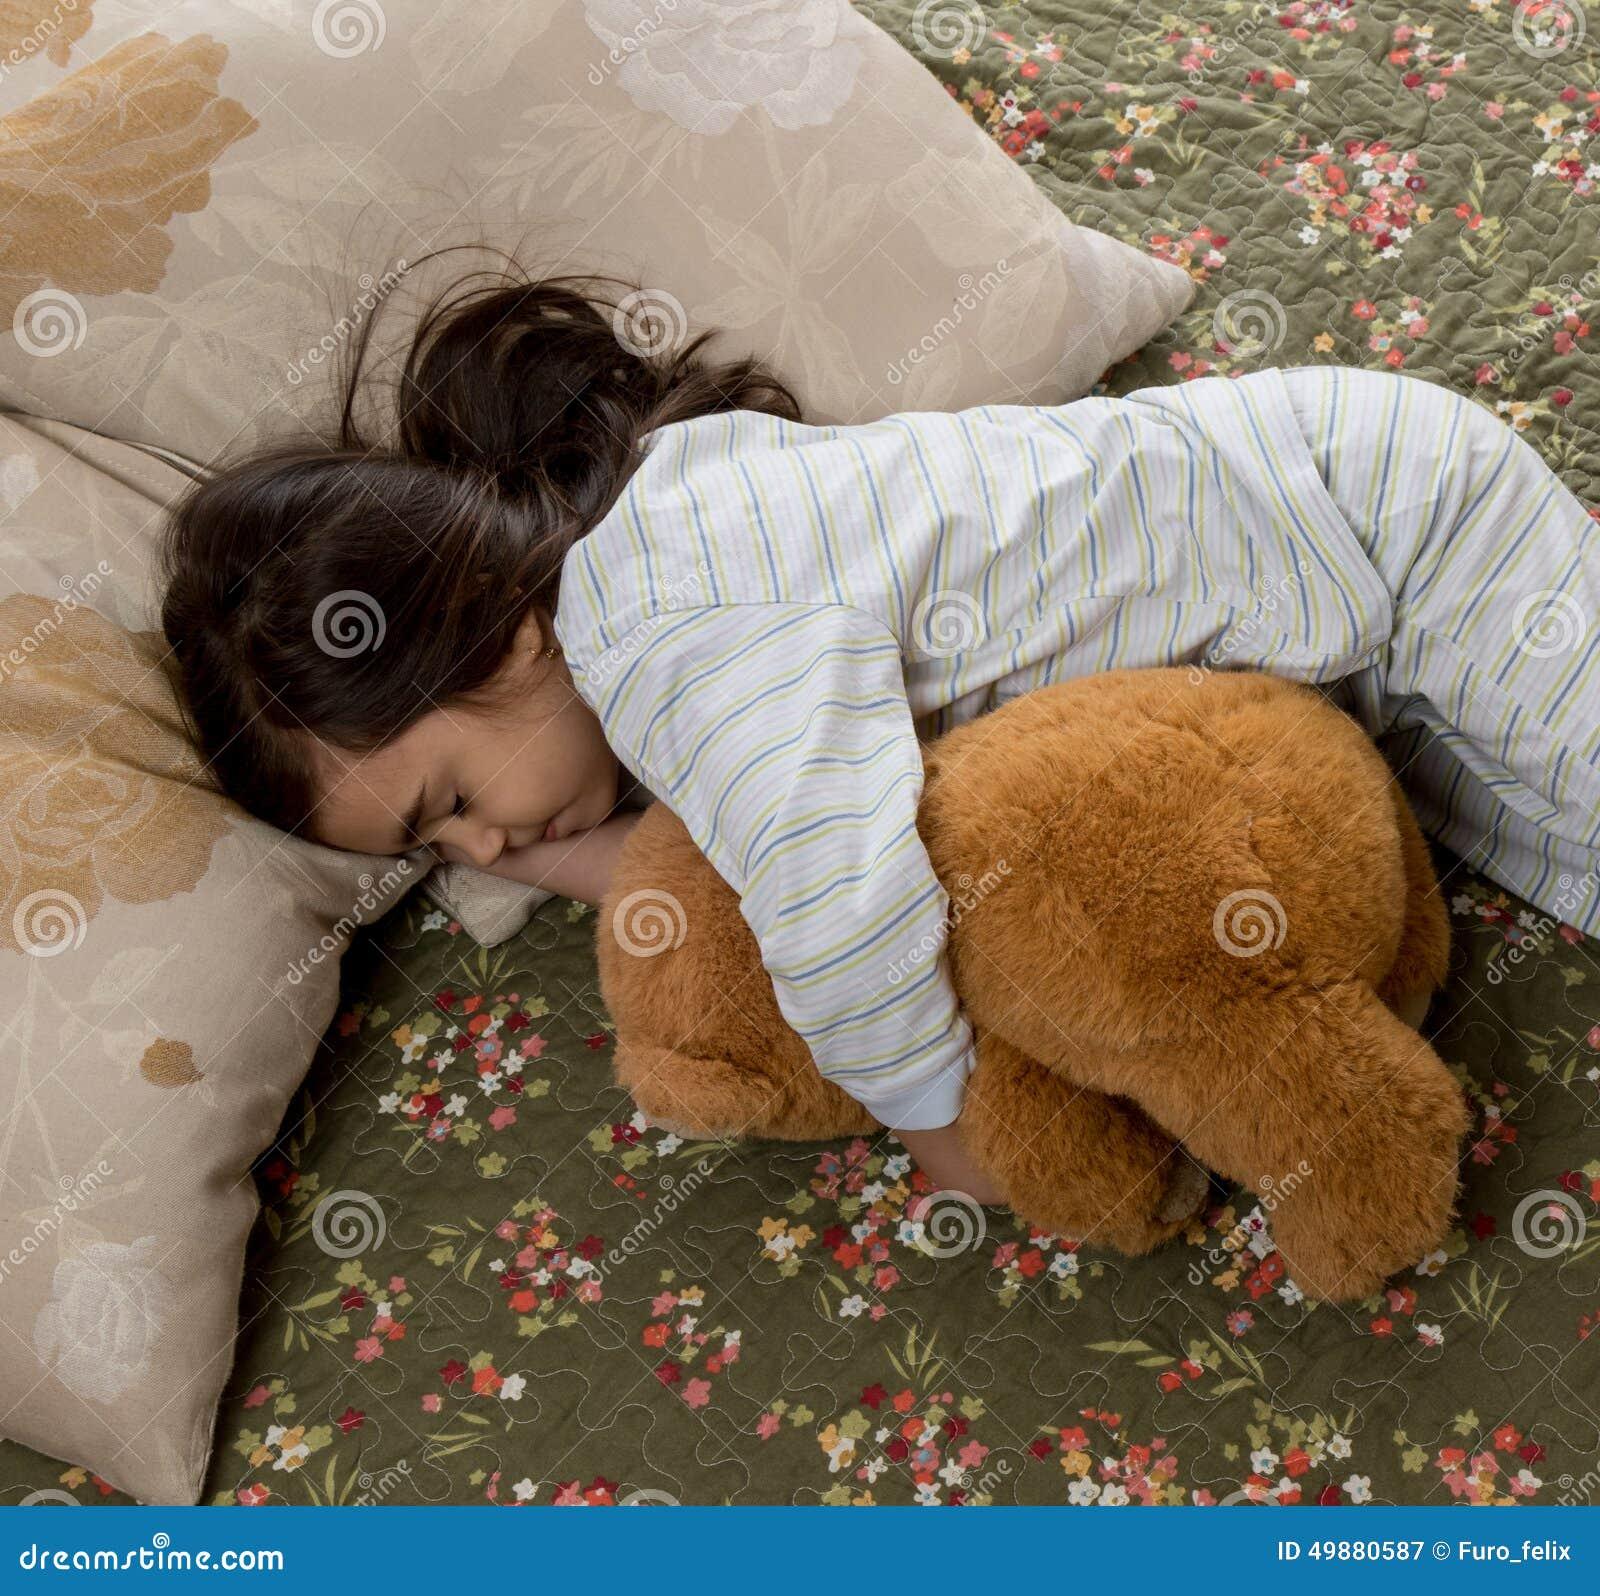 girl sleeping teddy bear stock images 1 189 photos